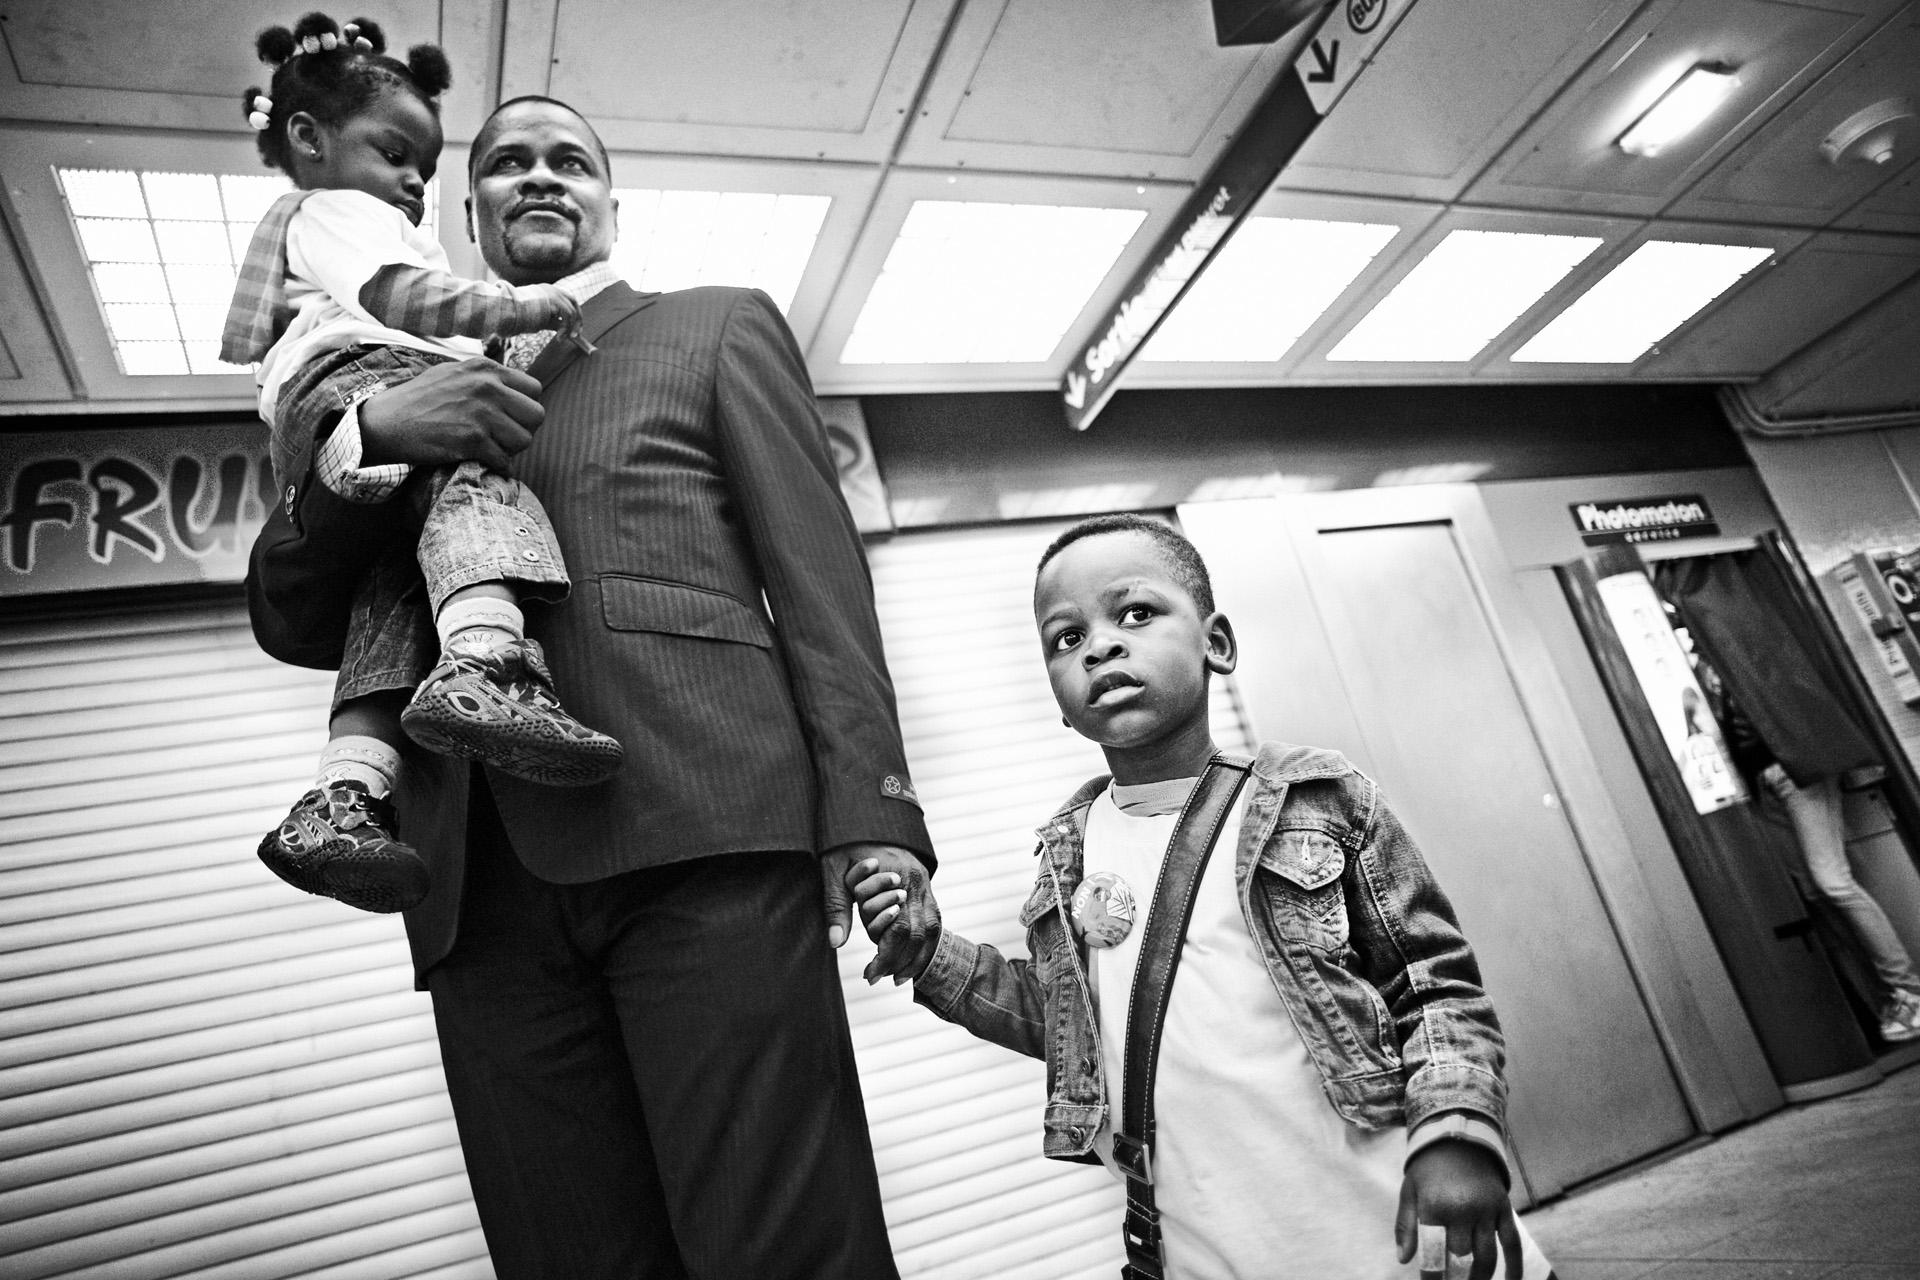 Paris le 4  septembre 2010. Guilherme, dans le métro gare de Lyon, où il retrouve ses enfants pour se rendre à la manifestation nationale de lutte contre le racisme et la xénophobie. Depuis son départ de Lyon en avril, il ne les avait vus que quelques jours durant l'été.